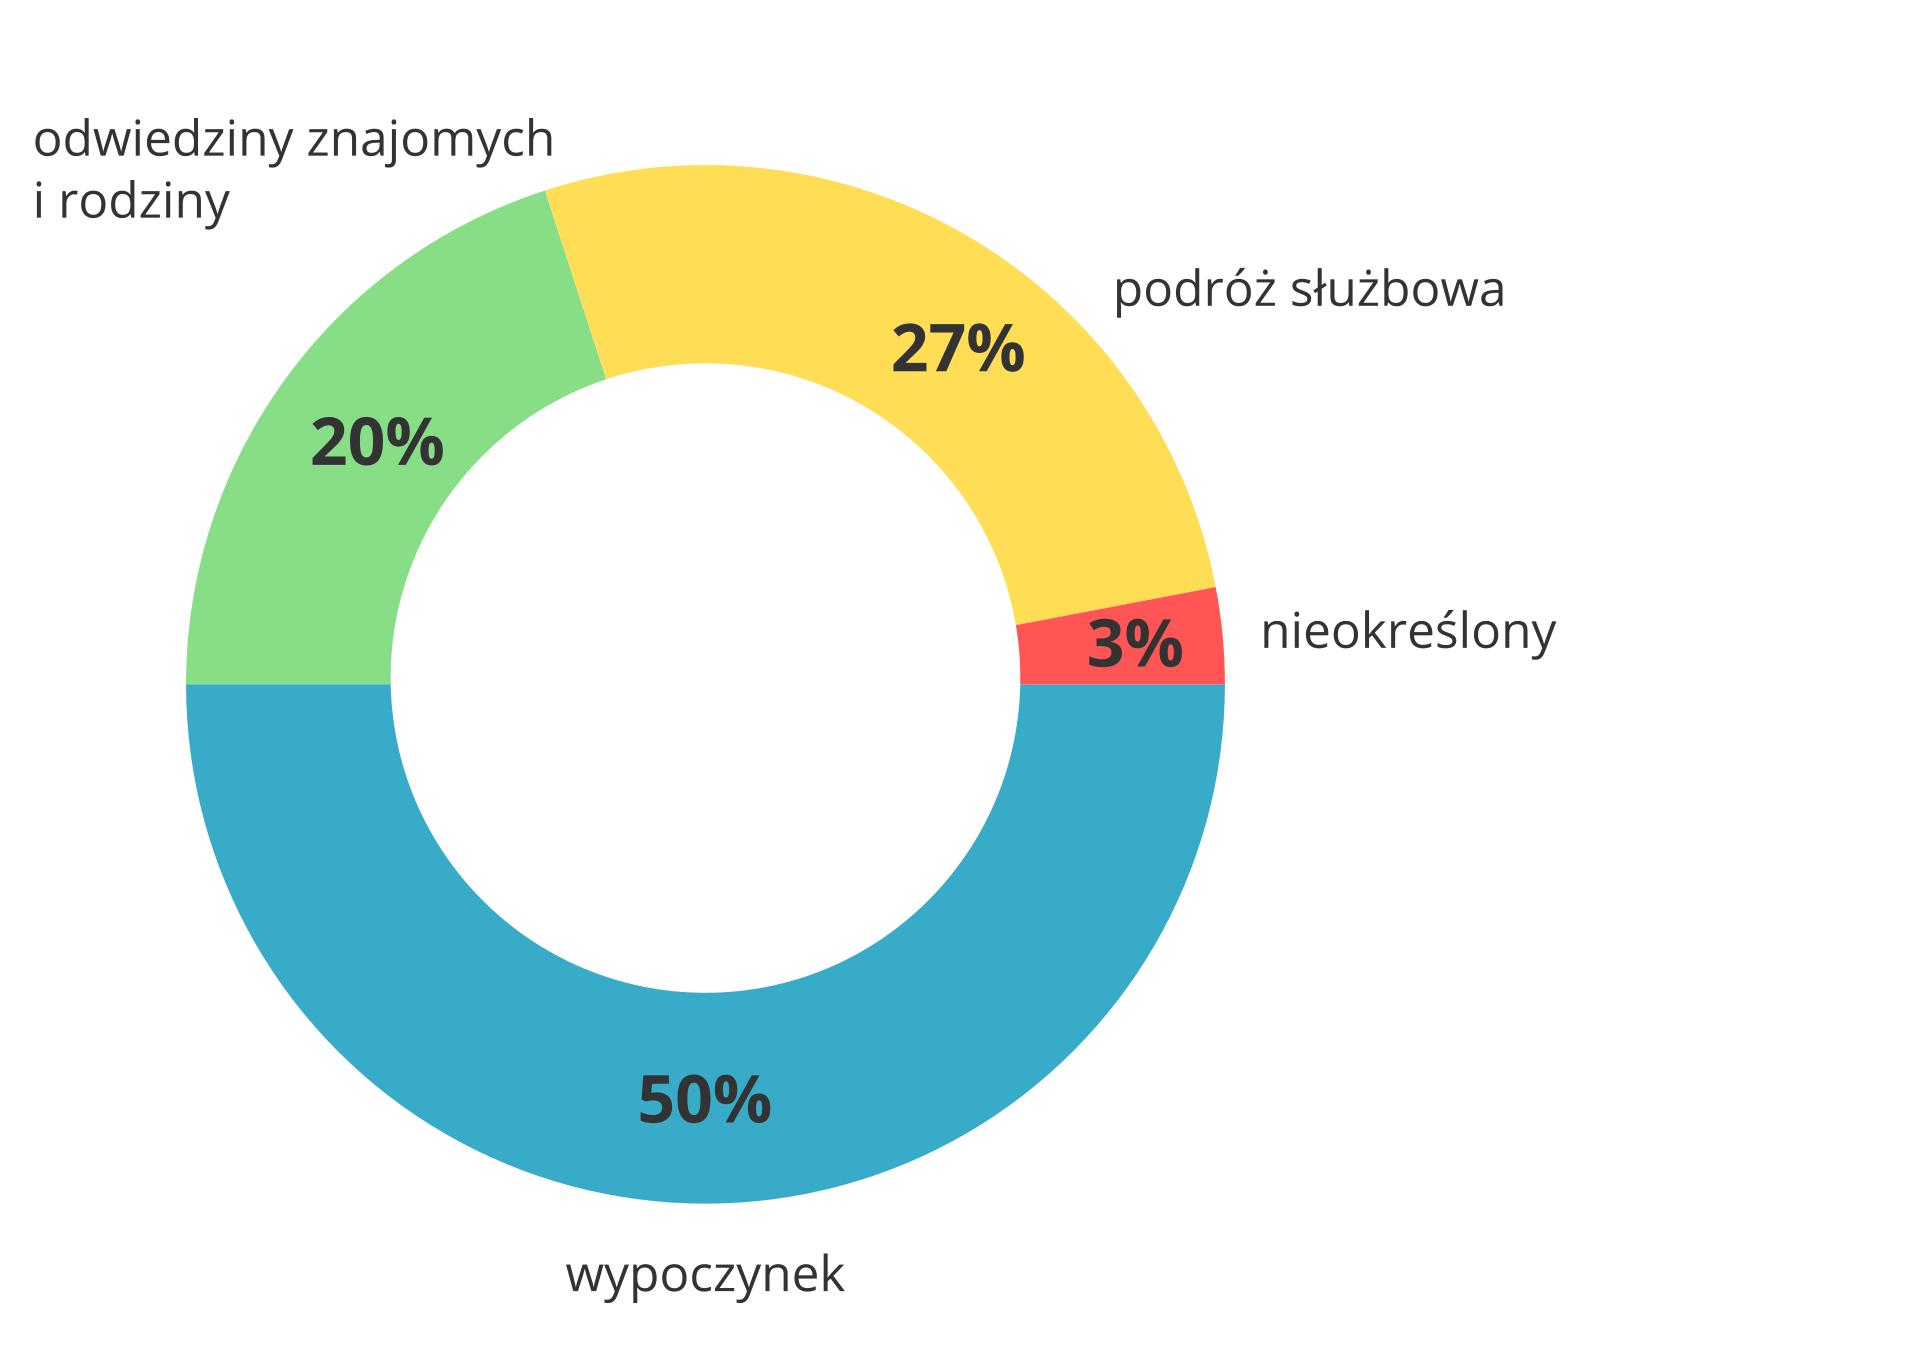 Na ilustracji wykres kołowy. Czterema kolorami zaznaczono różne powody podróży. Wypoczynek – pięćdziesiąt dwa procent, odwiedziny znajomych irodziny – dwadzieścia procent, cele służbowe – dwadzieścia siedem procent, inne – trzy procent.